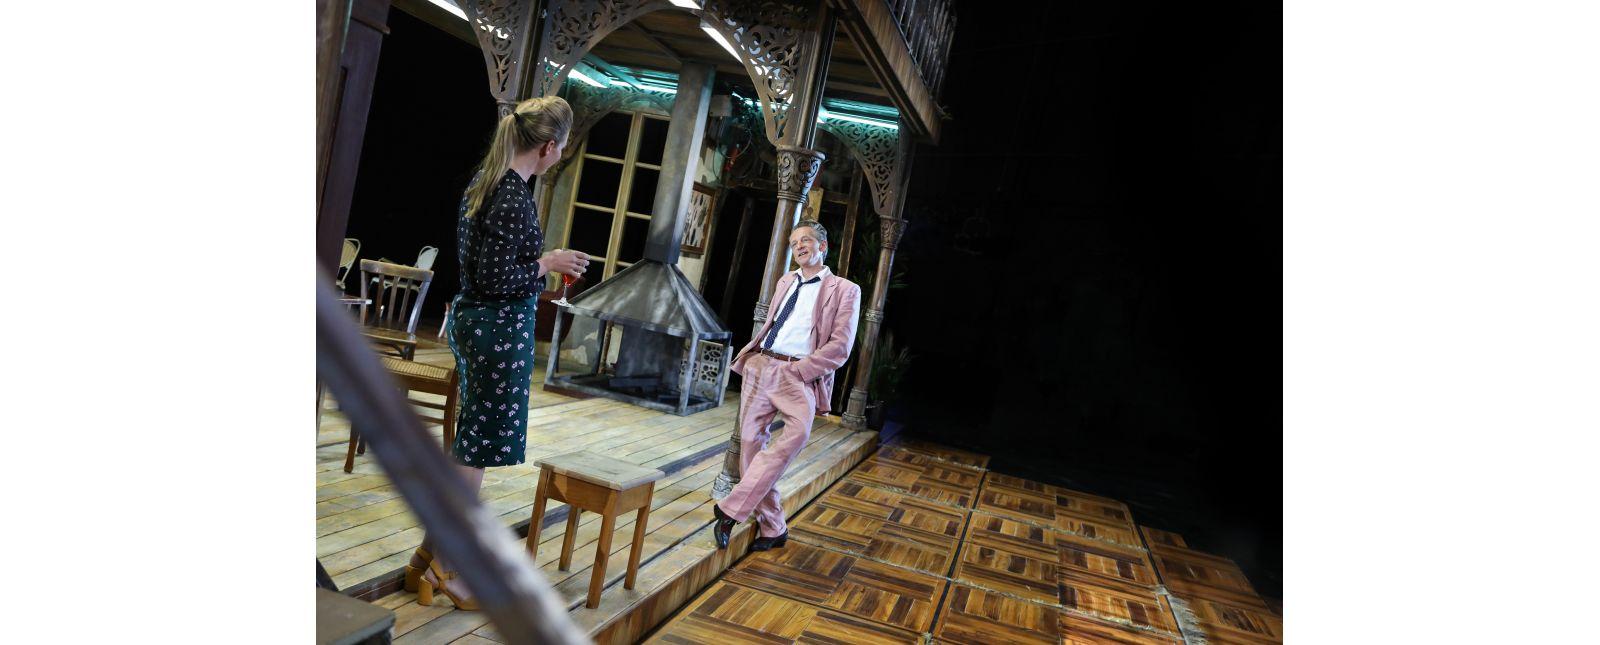 PLATONOW // Janna Horstmann / Martin Müller-Reisinger // Foto: Birgit Hupfeld